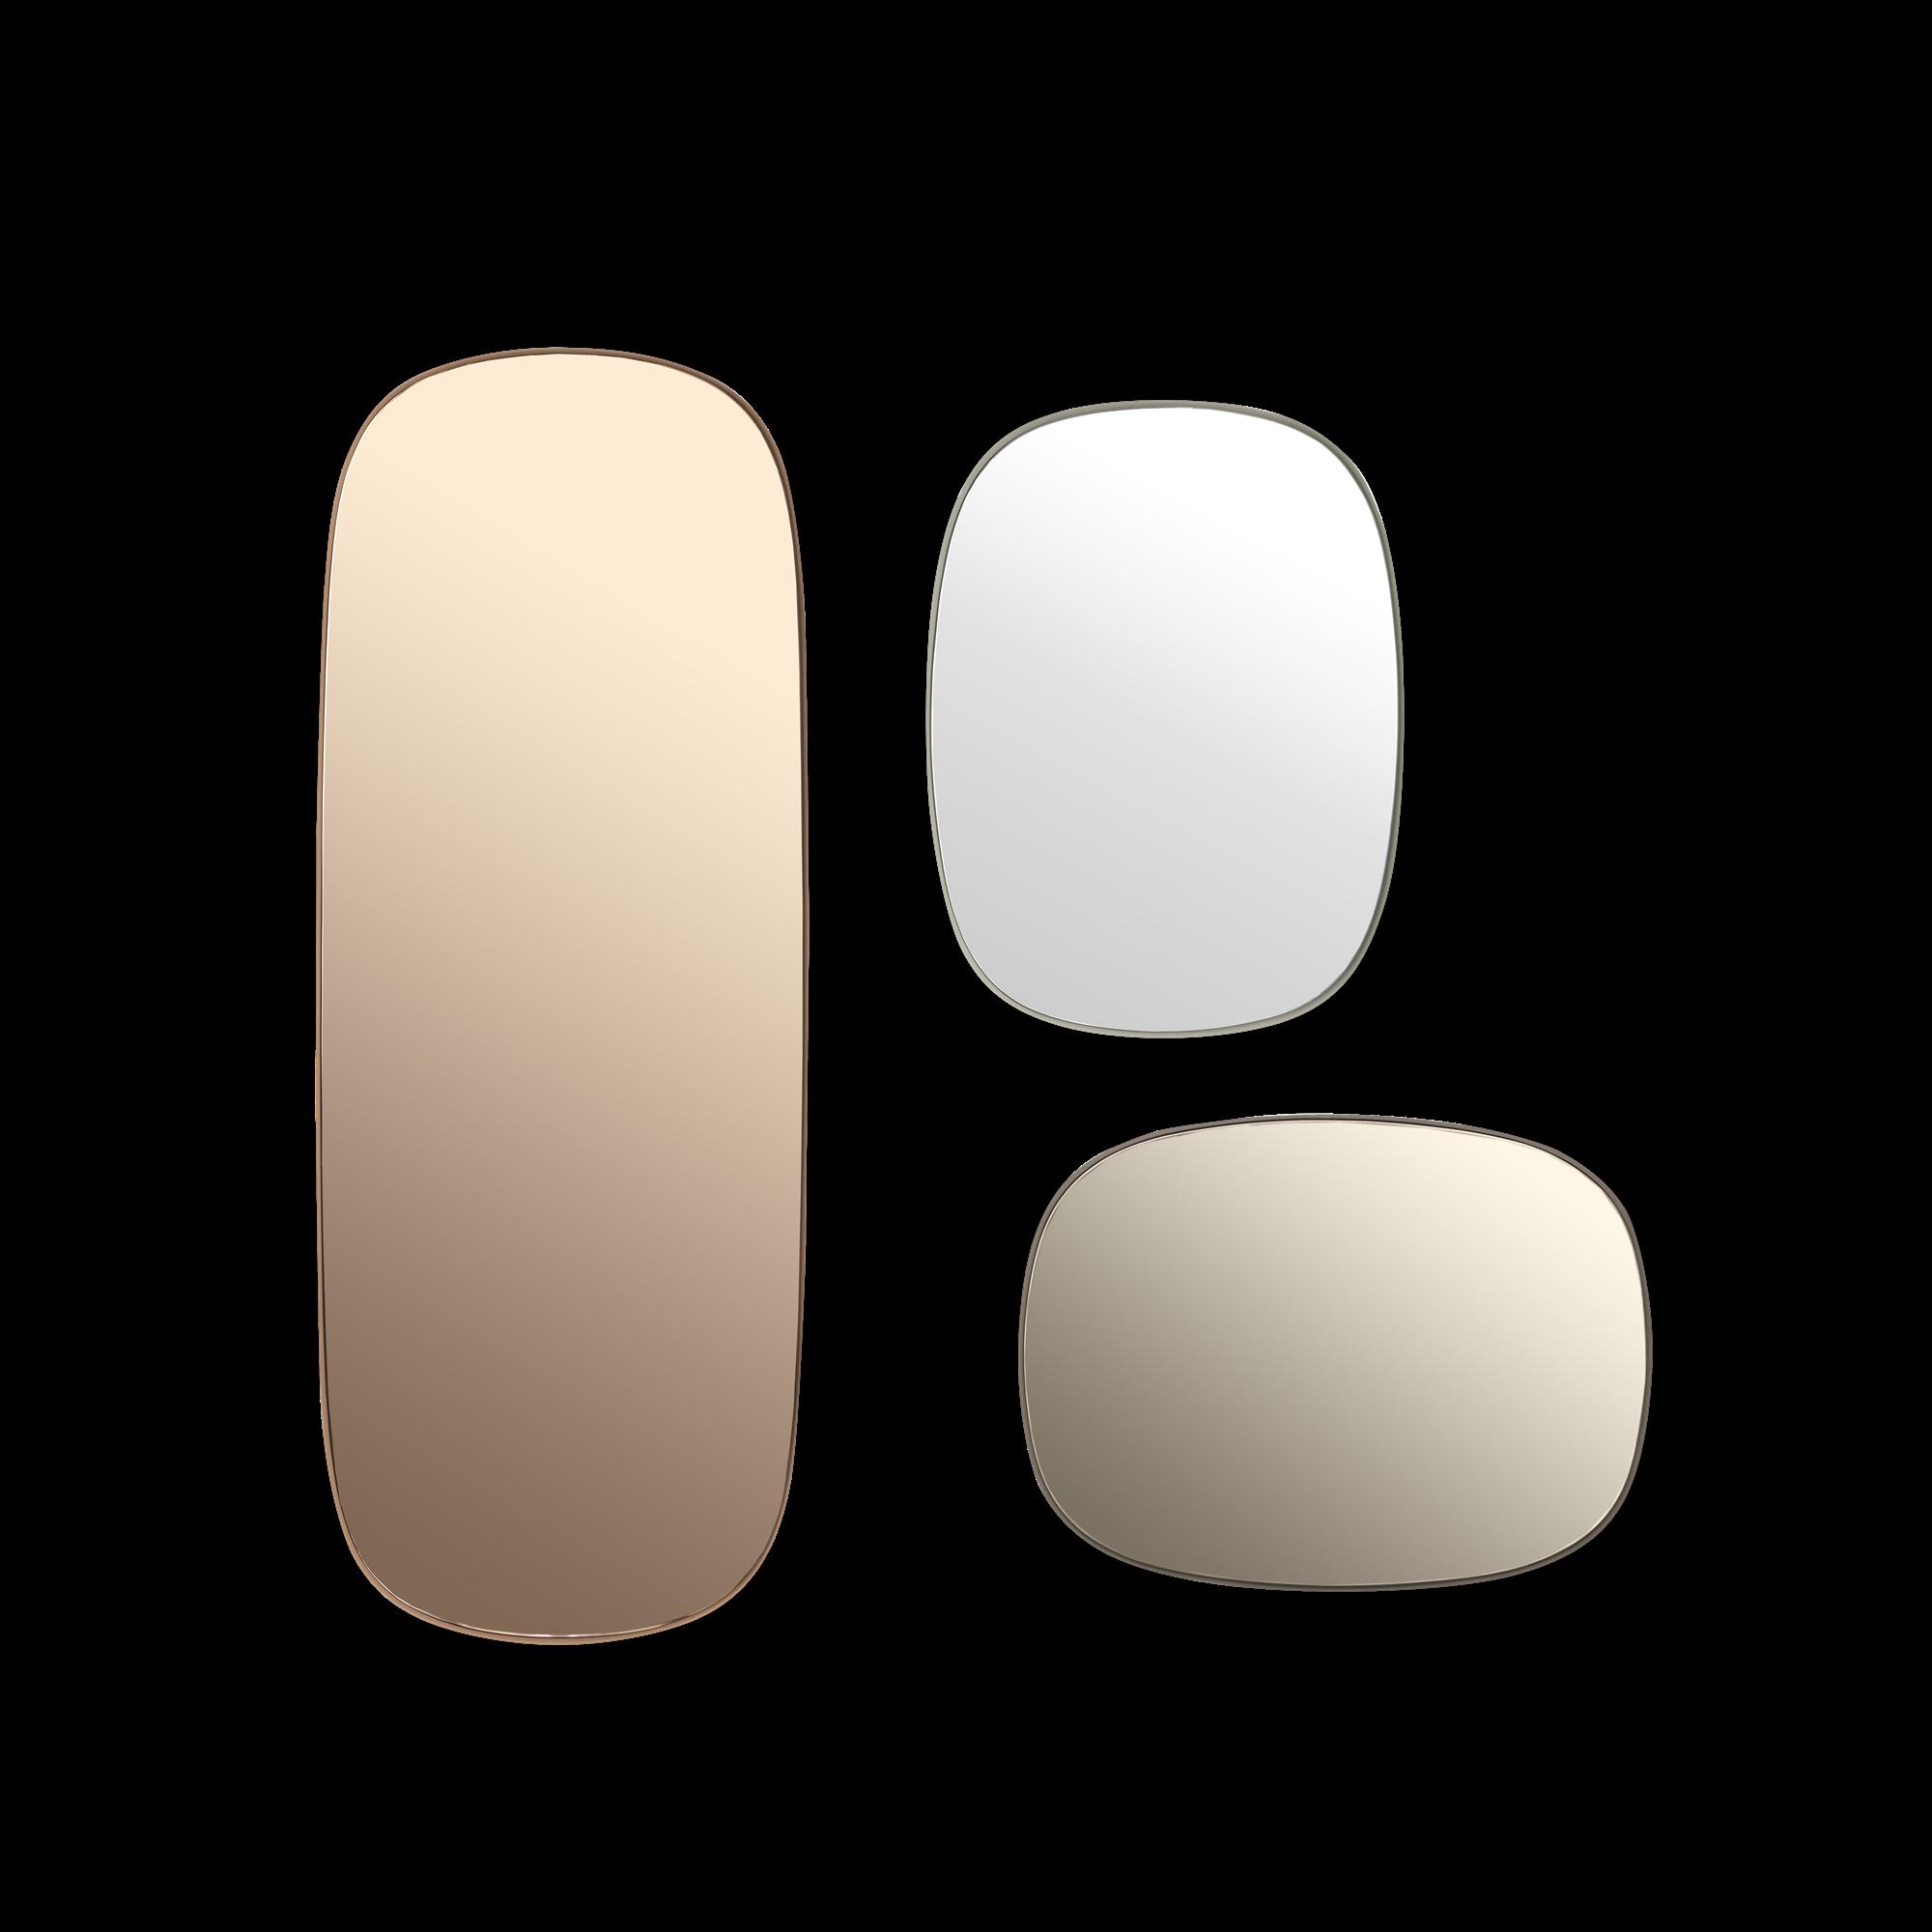 framed-mirror-master-framed-mirror-1502286008-5076288.png